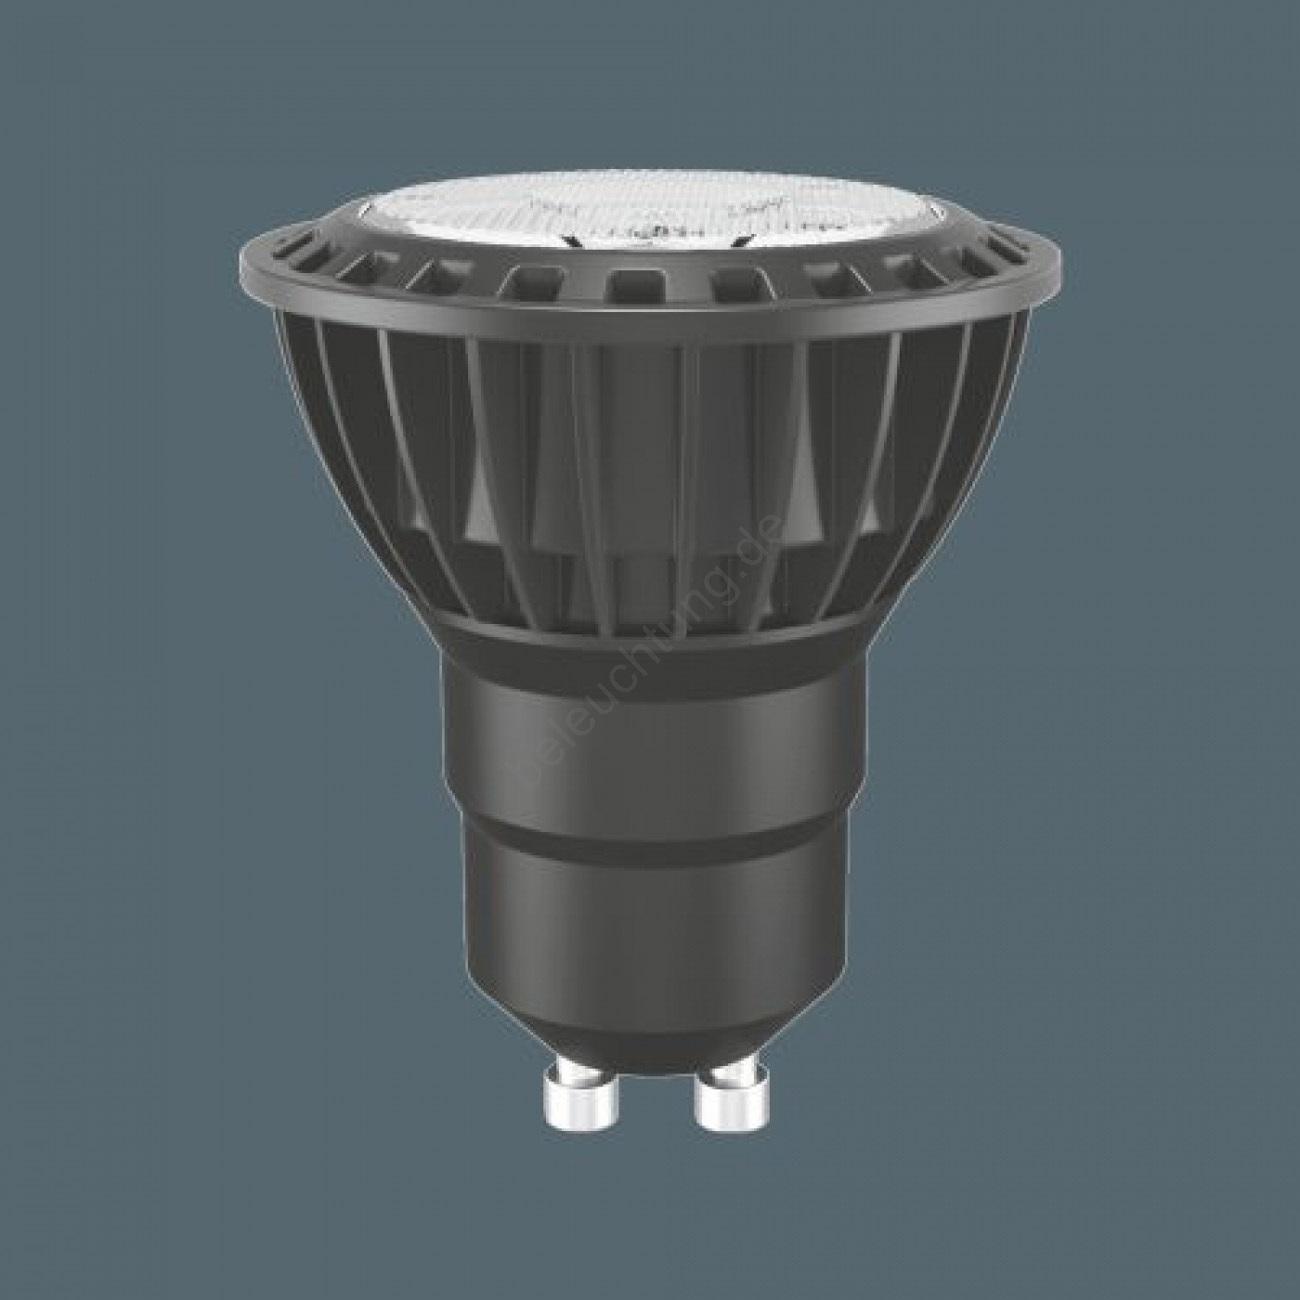 led birne gu10 4w 4000k. Black Bedroom Furniture Sets. Home Design Ideas